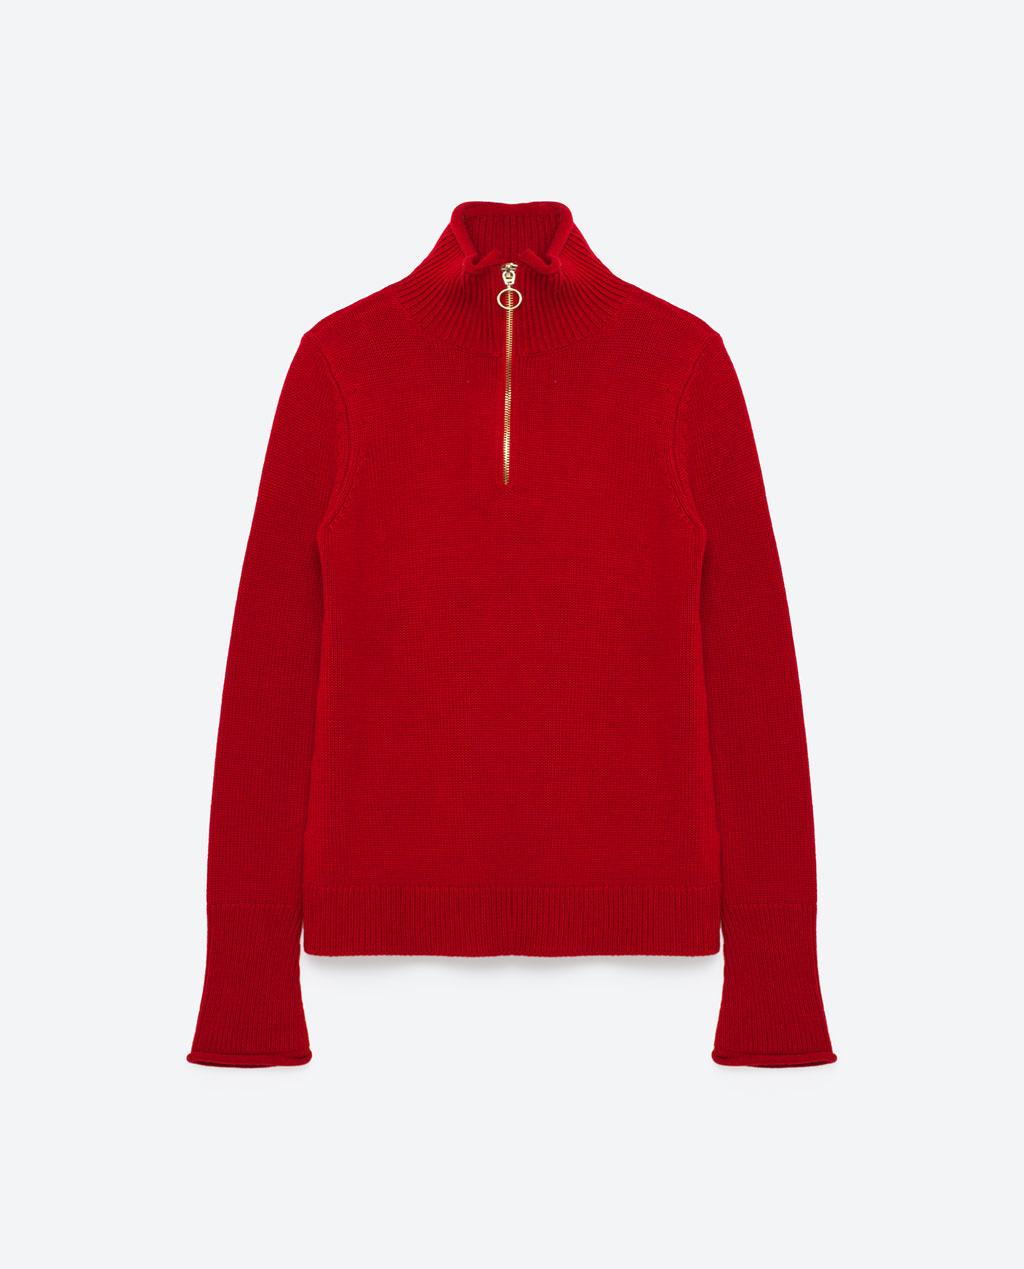 http://www.zara.com/us/en/sale/woman/knitwear/view-all/raised-collar-sweater-with-zip-c732050p3699501.html